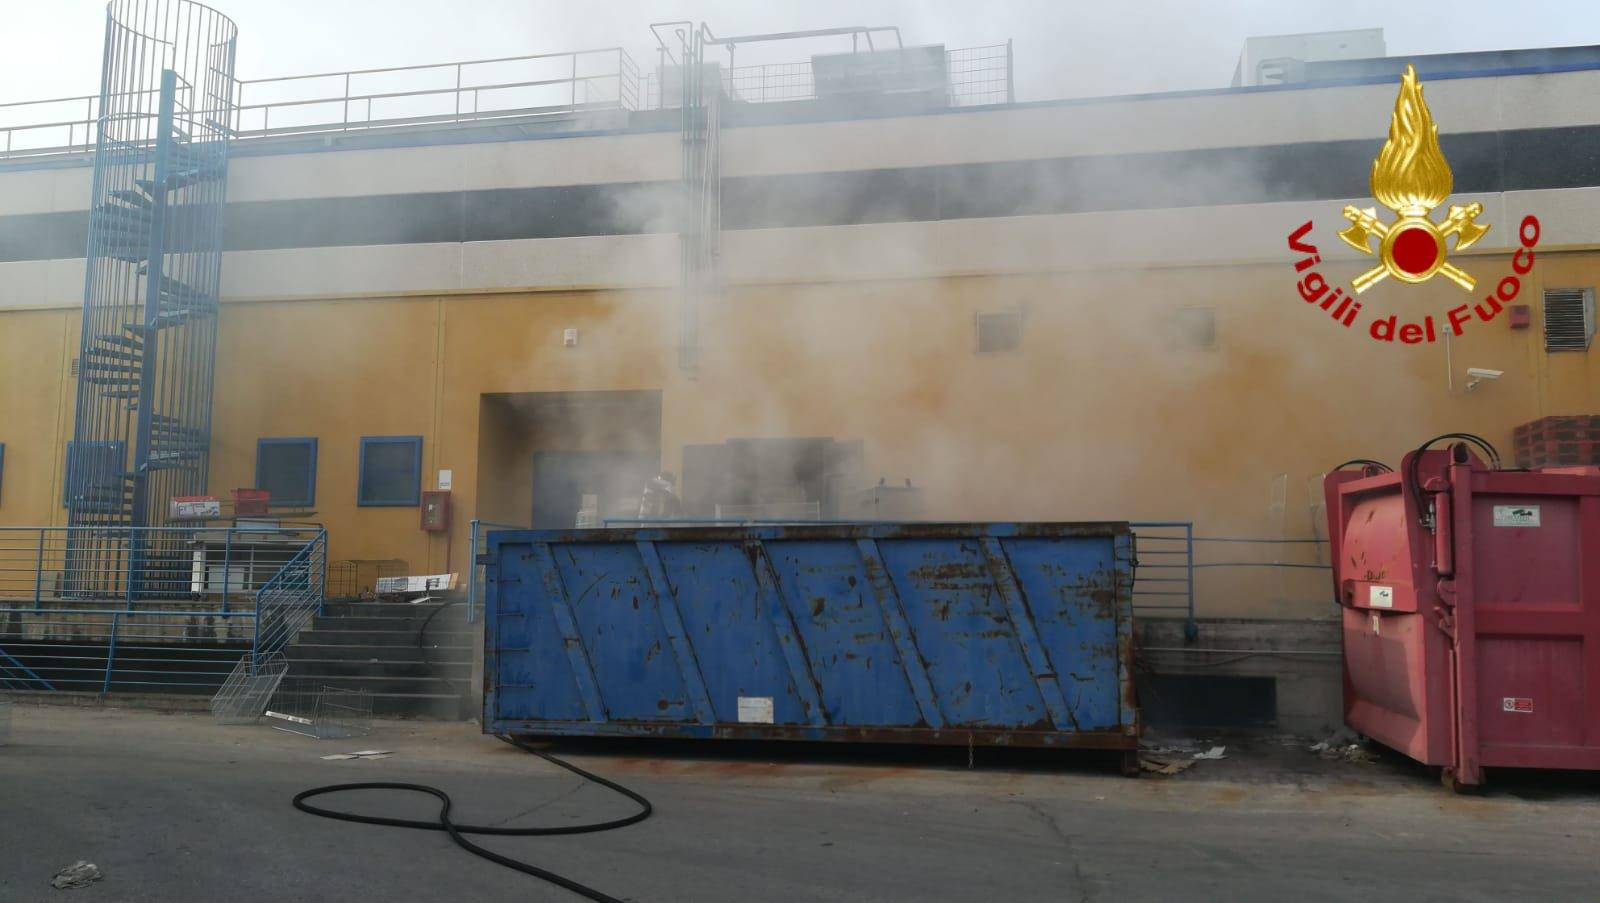 Incendio in centro commerciale nel Catanese: DETTAGLI e FOTO